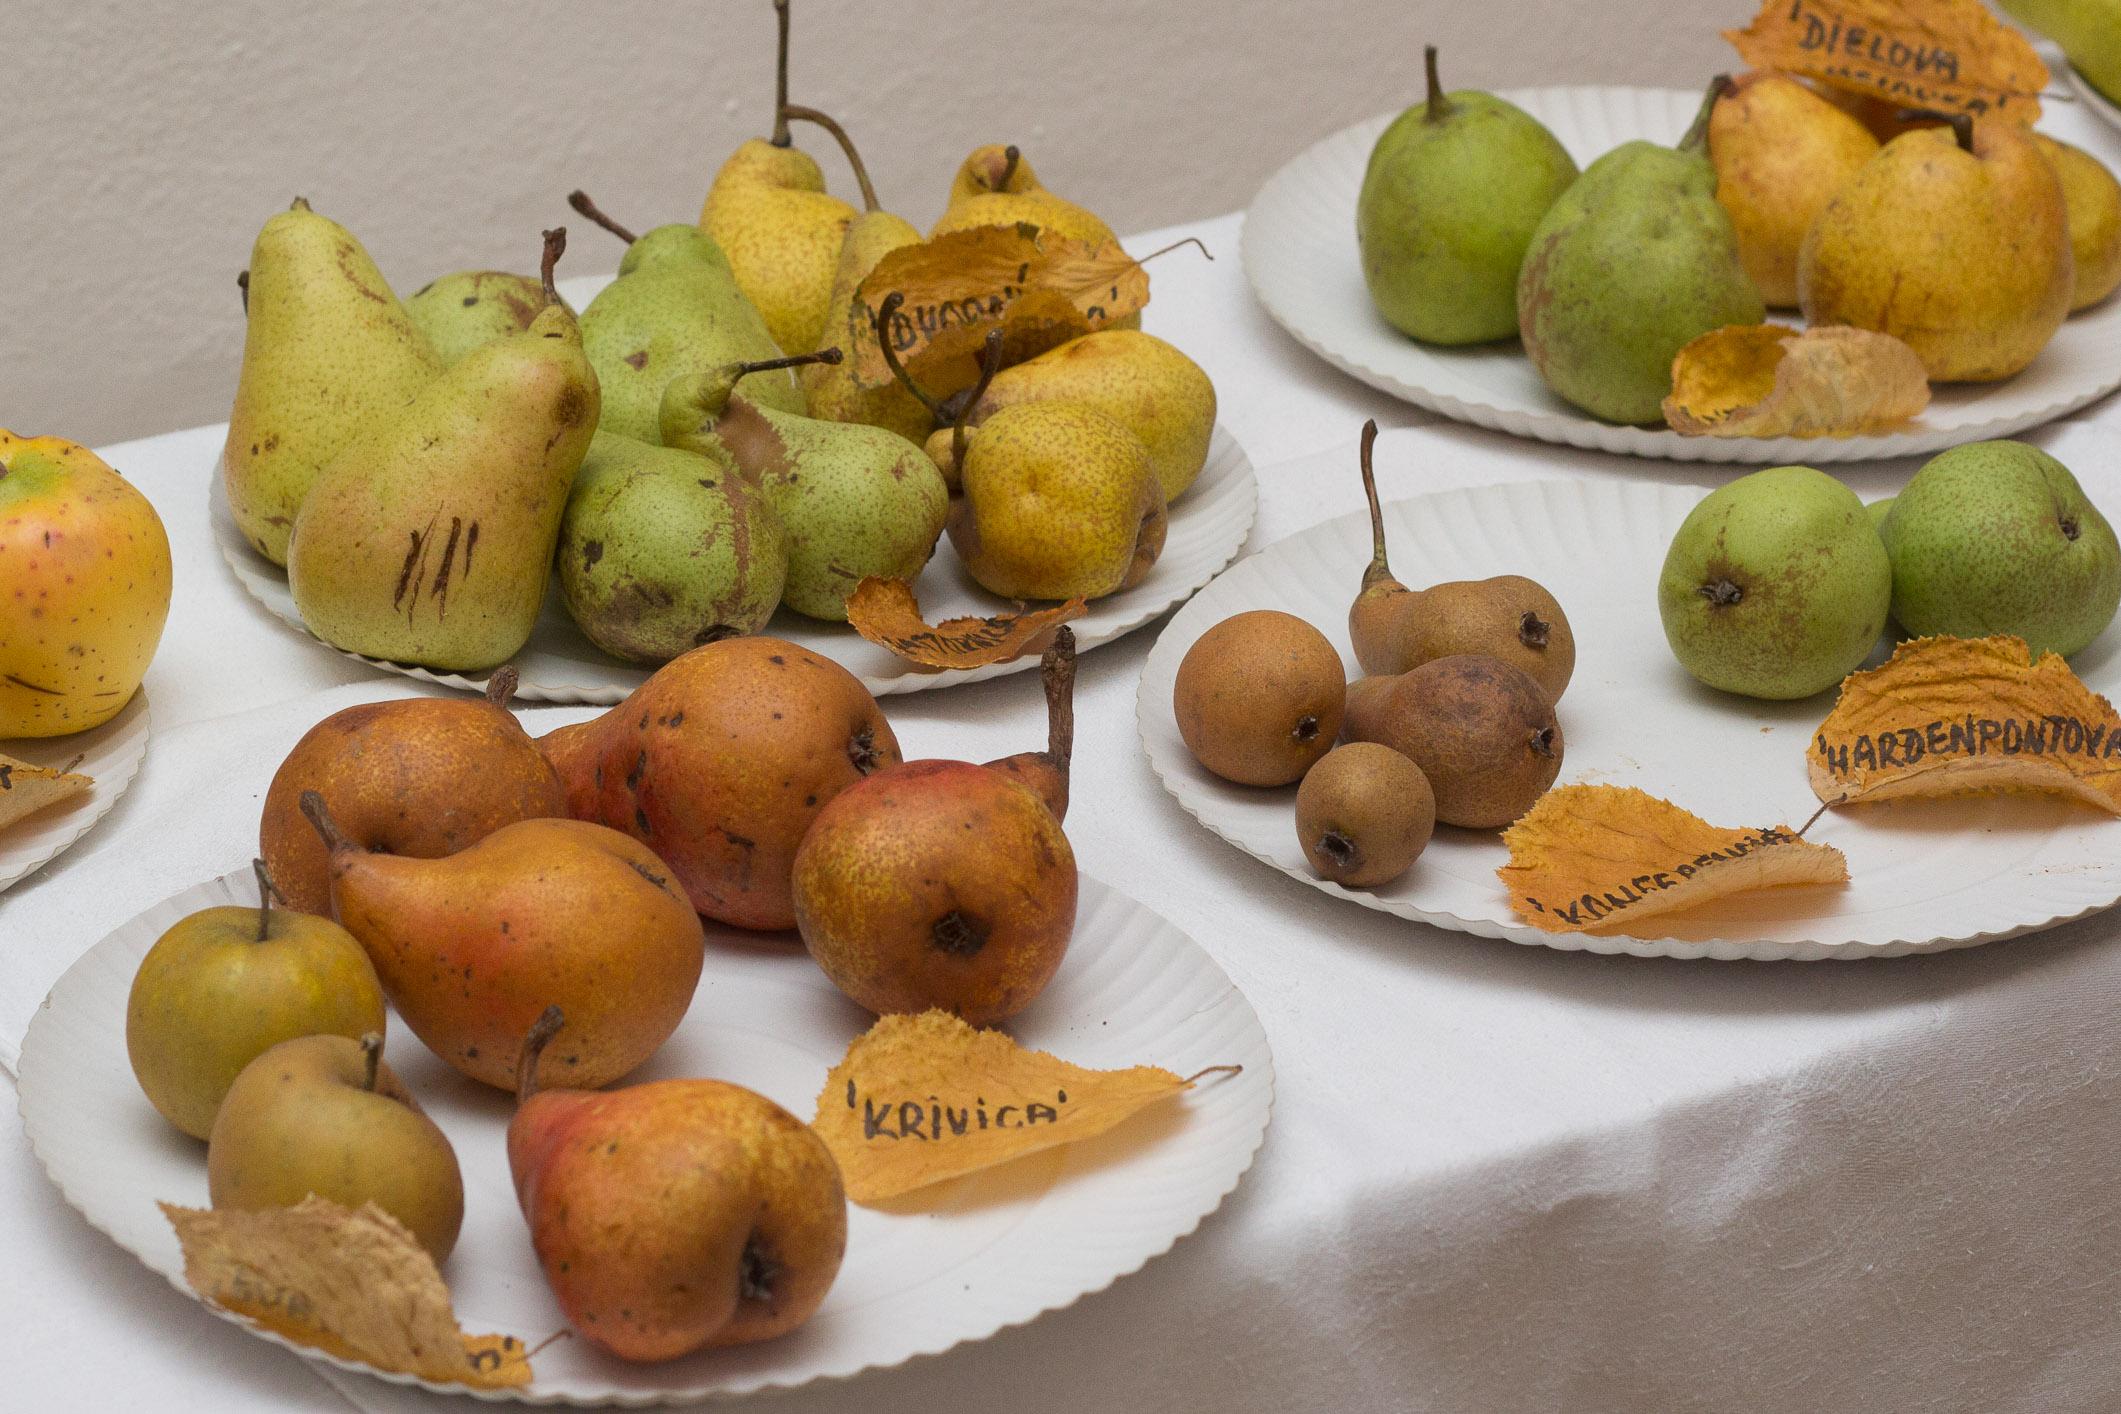 plodobranie-radnica-zvolen-5